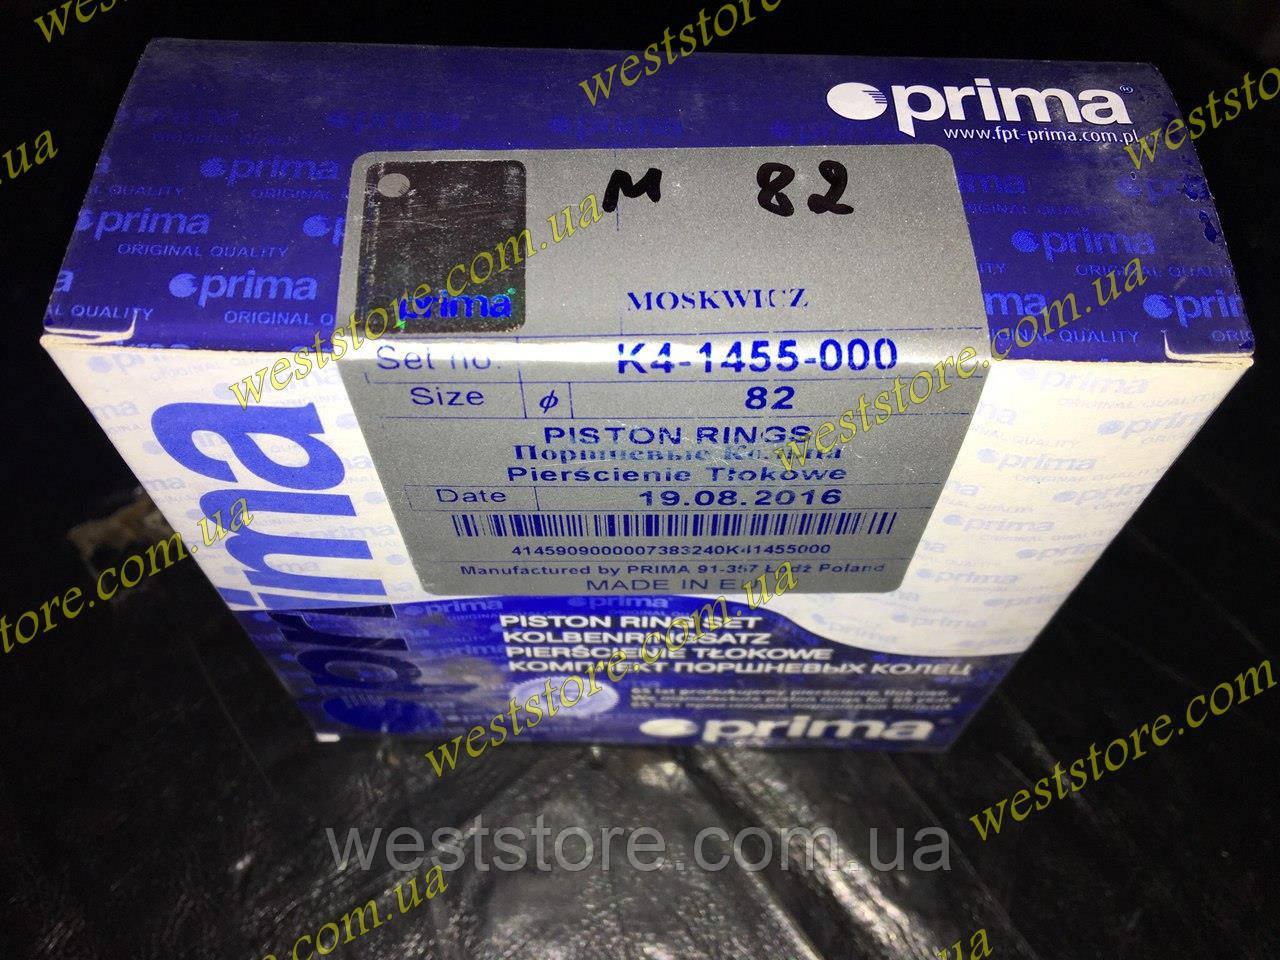 Кольца поршневые Москвич 2140,412 ф 82,0 Prima  (К4-1455-000)